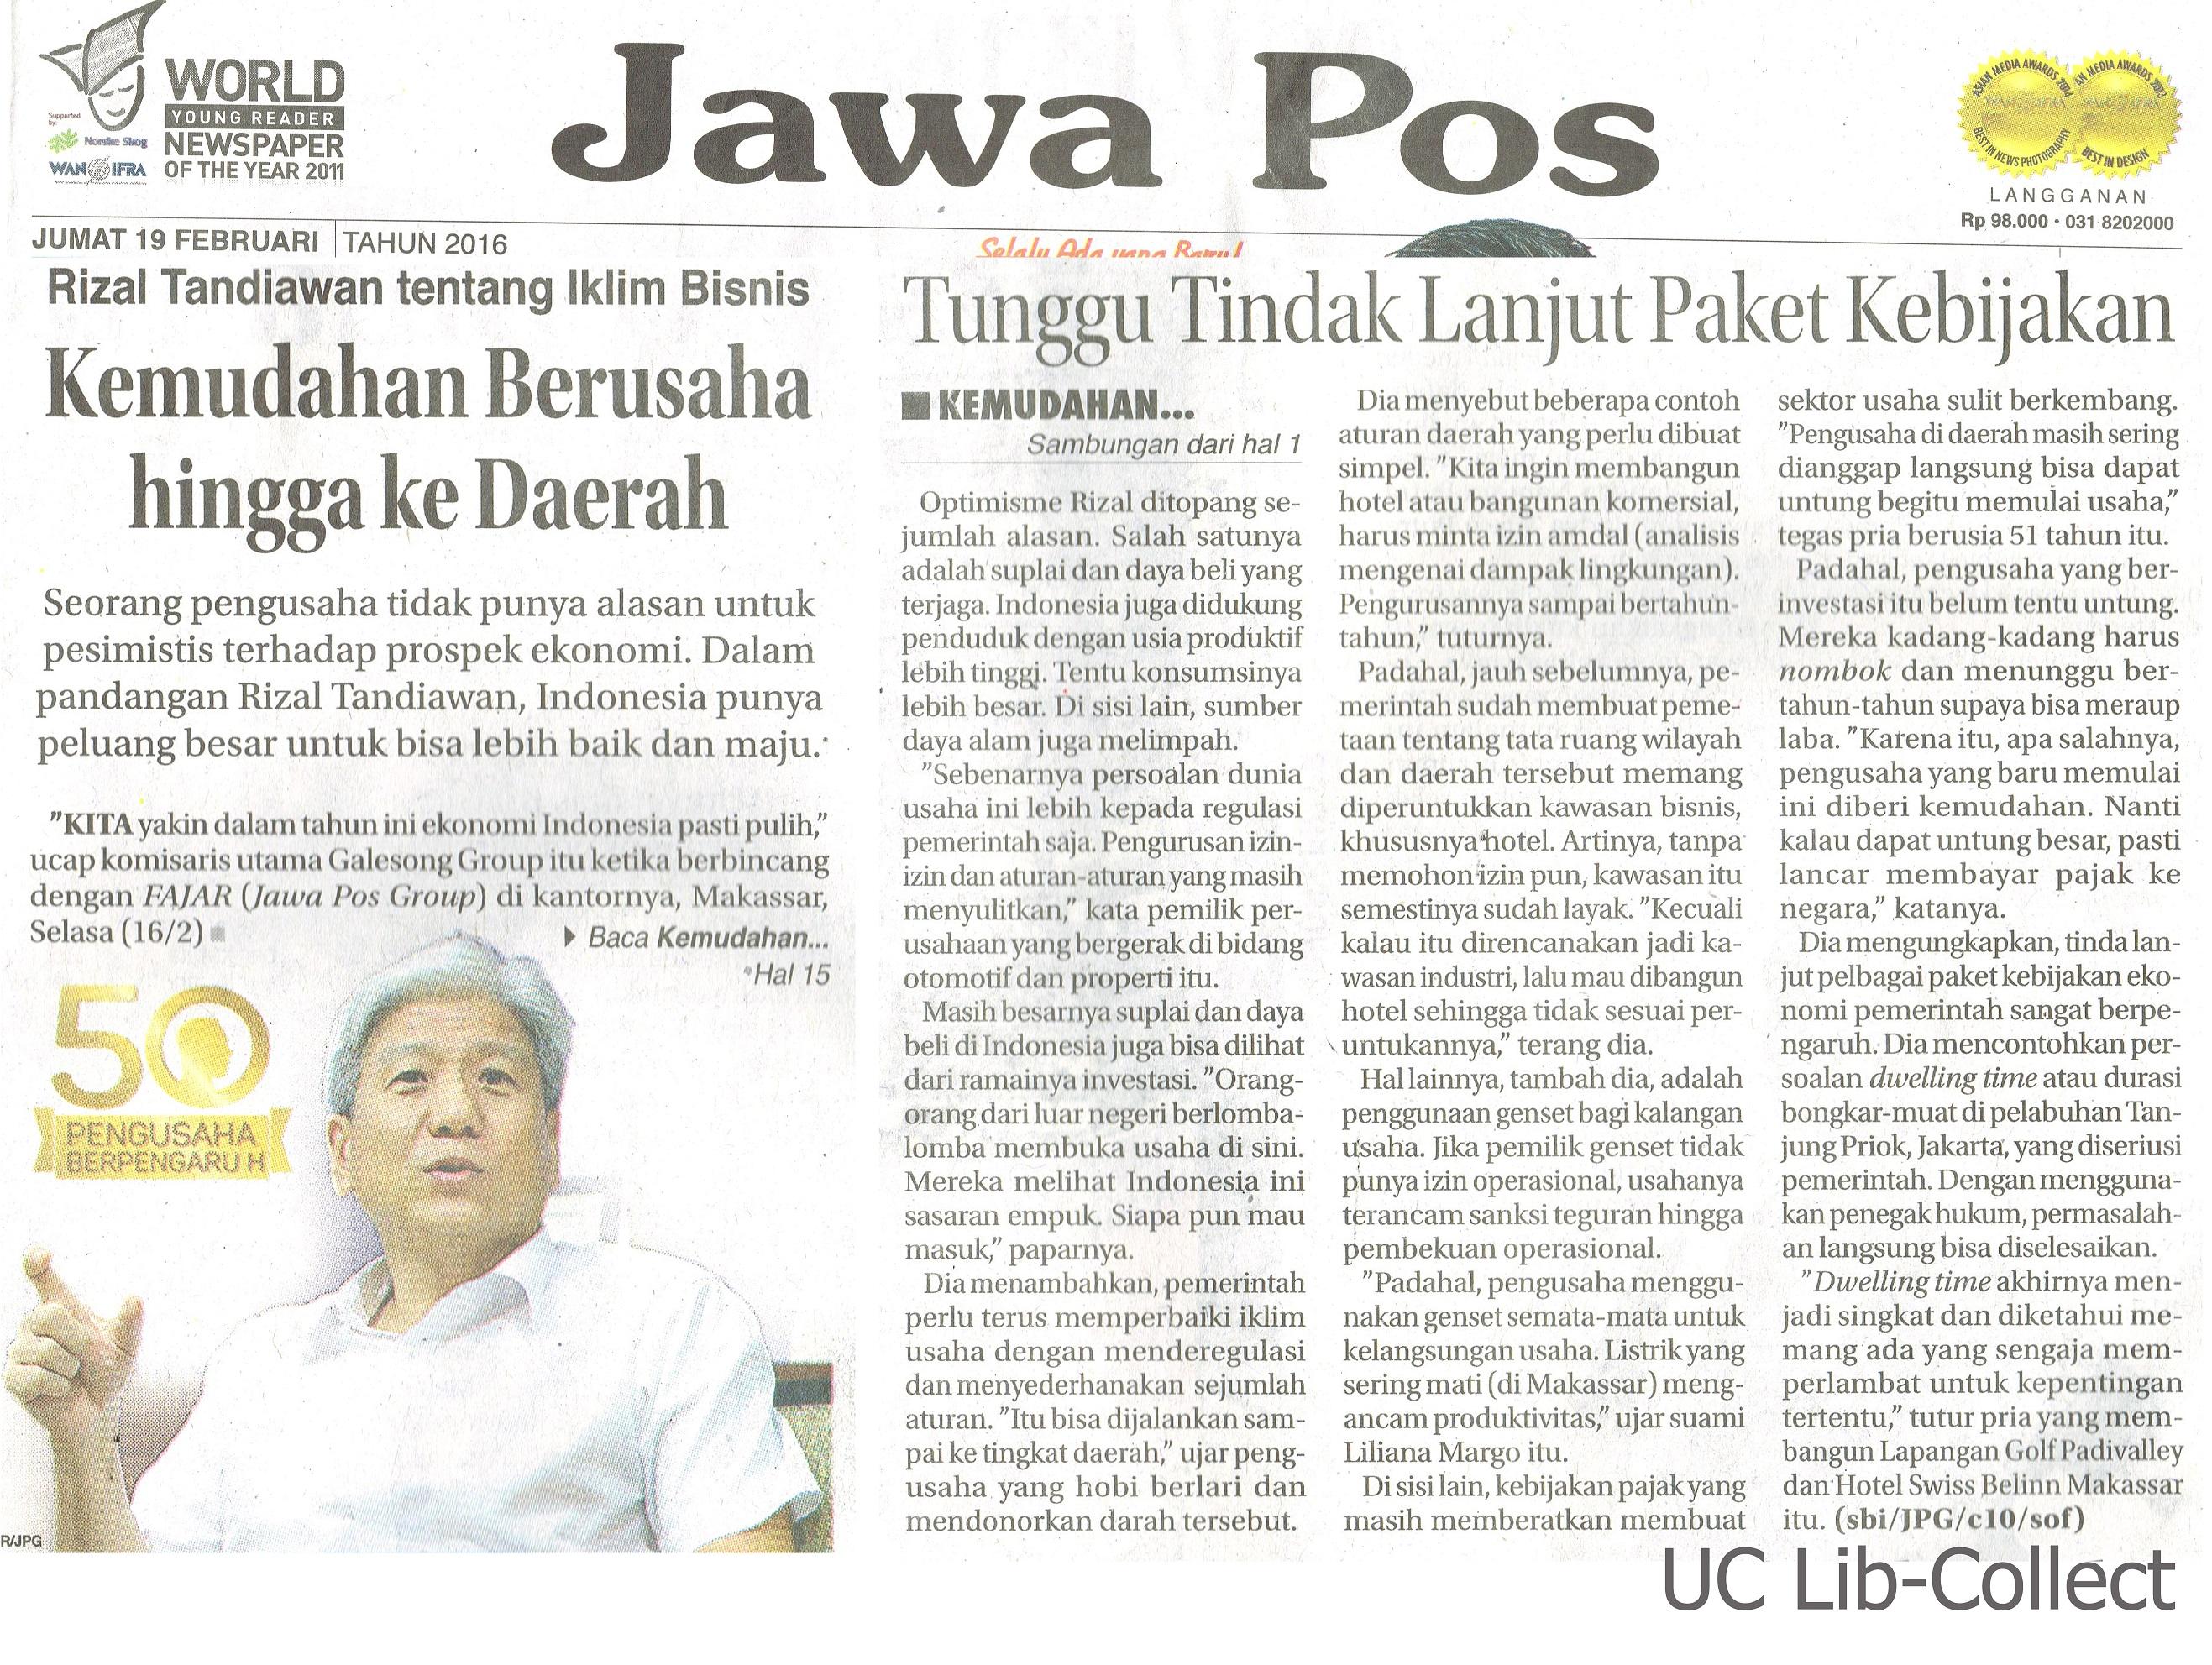 19 Februari 2016. Rizal Tandiawan tentang Iklim Bisnis_Kenudahan Berusaha hingga ke Daerah. Jawa Pos. 19 Februari 2016.Hal.1,15